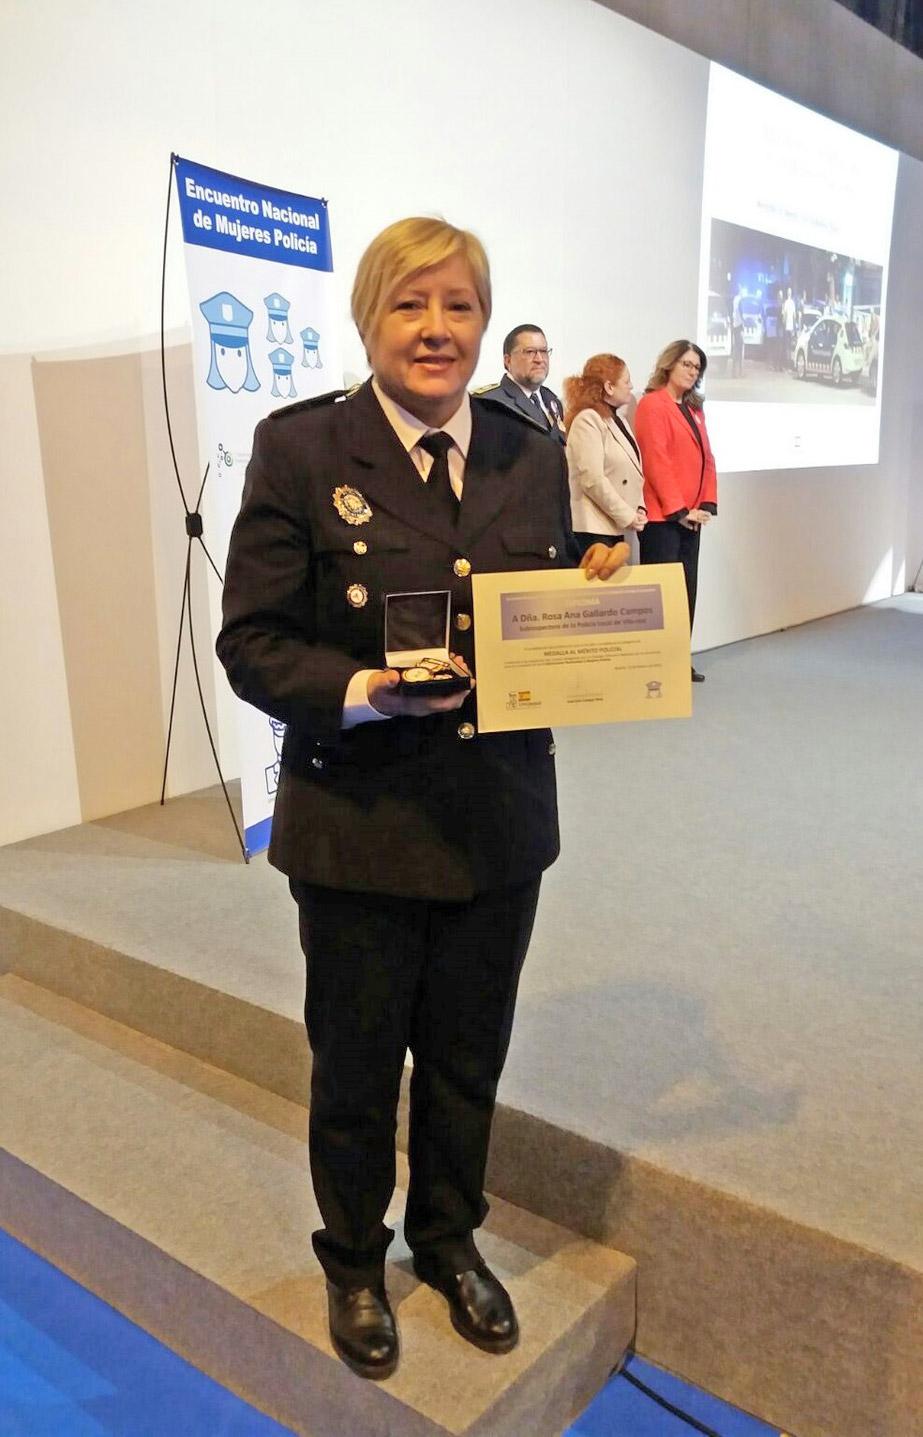 Rosana Gallardo, Medalla al Mérito por la labor en mediación policial